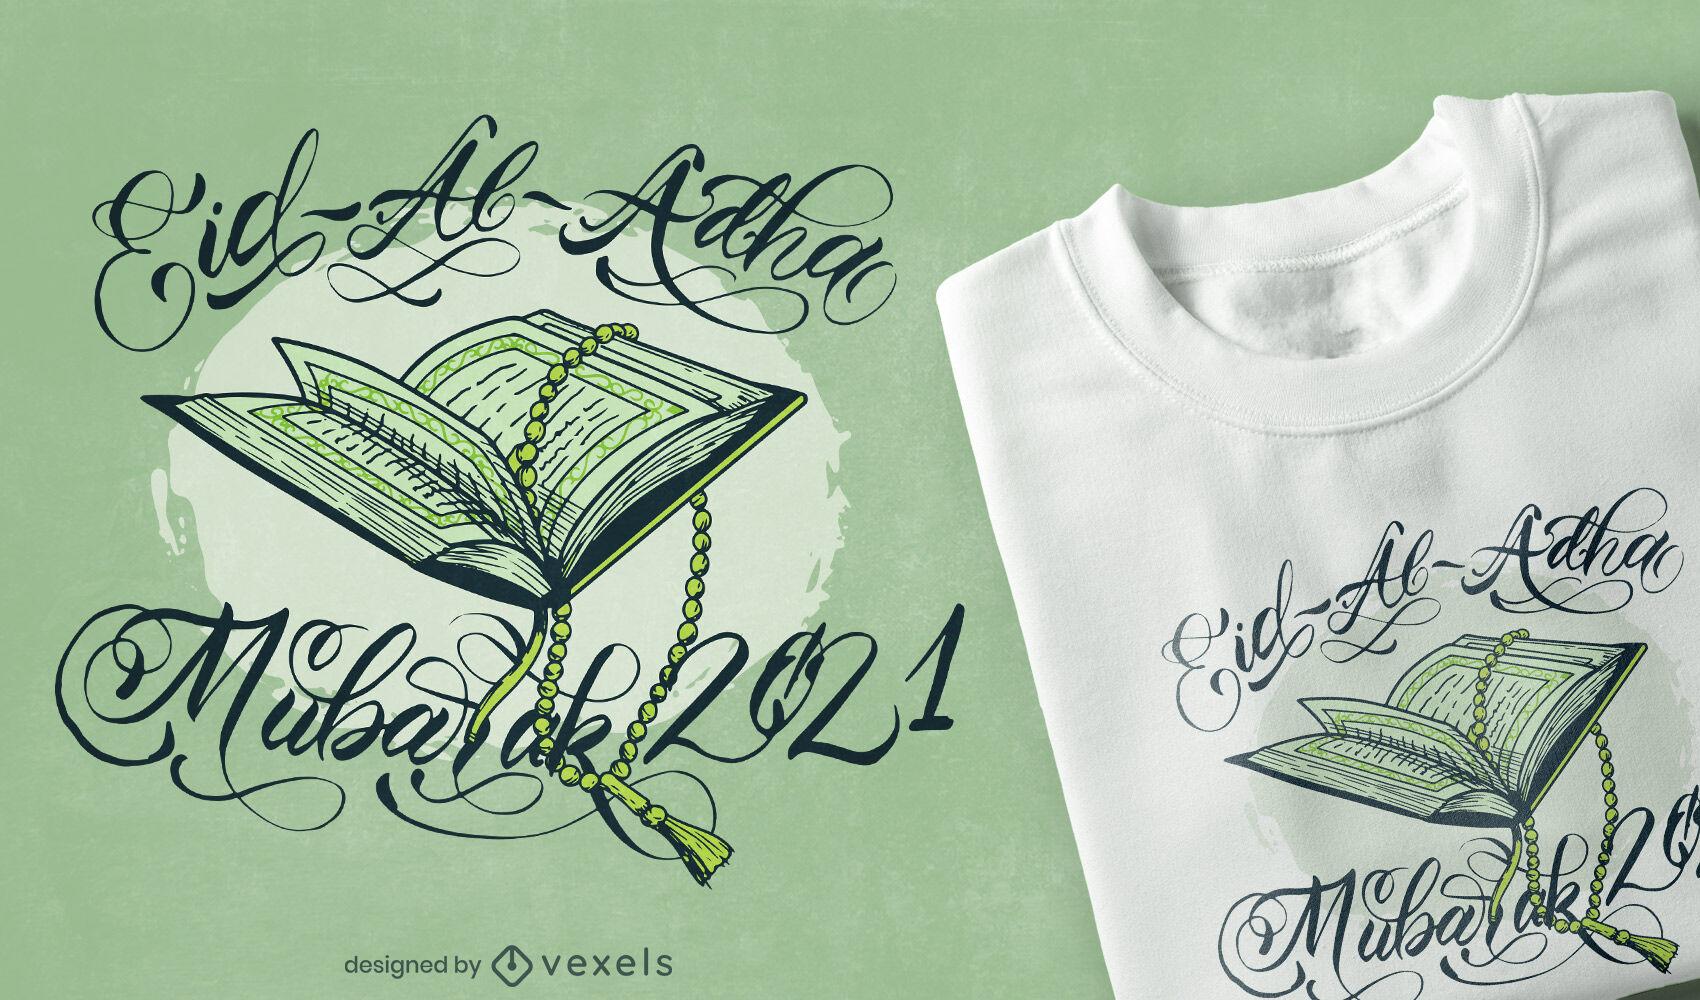 Muslim religious quote t-shirt design